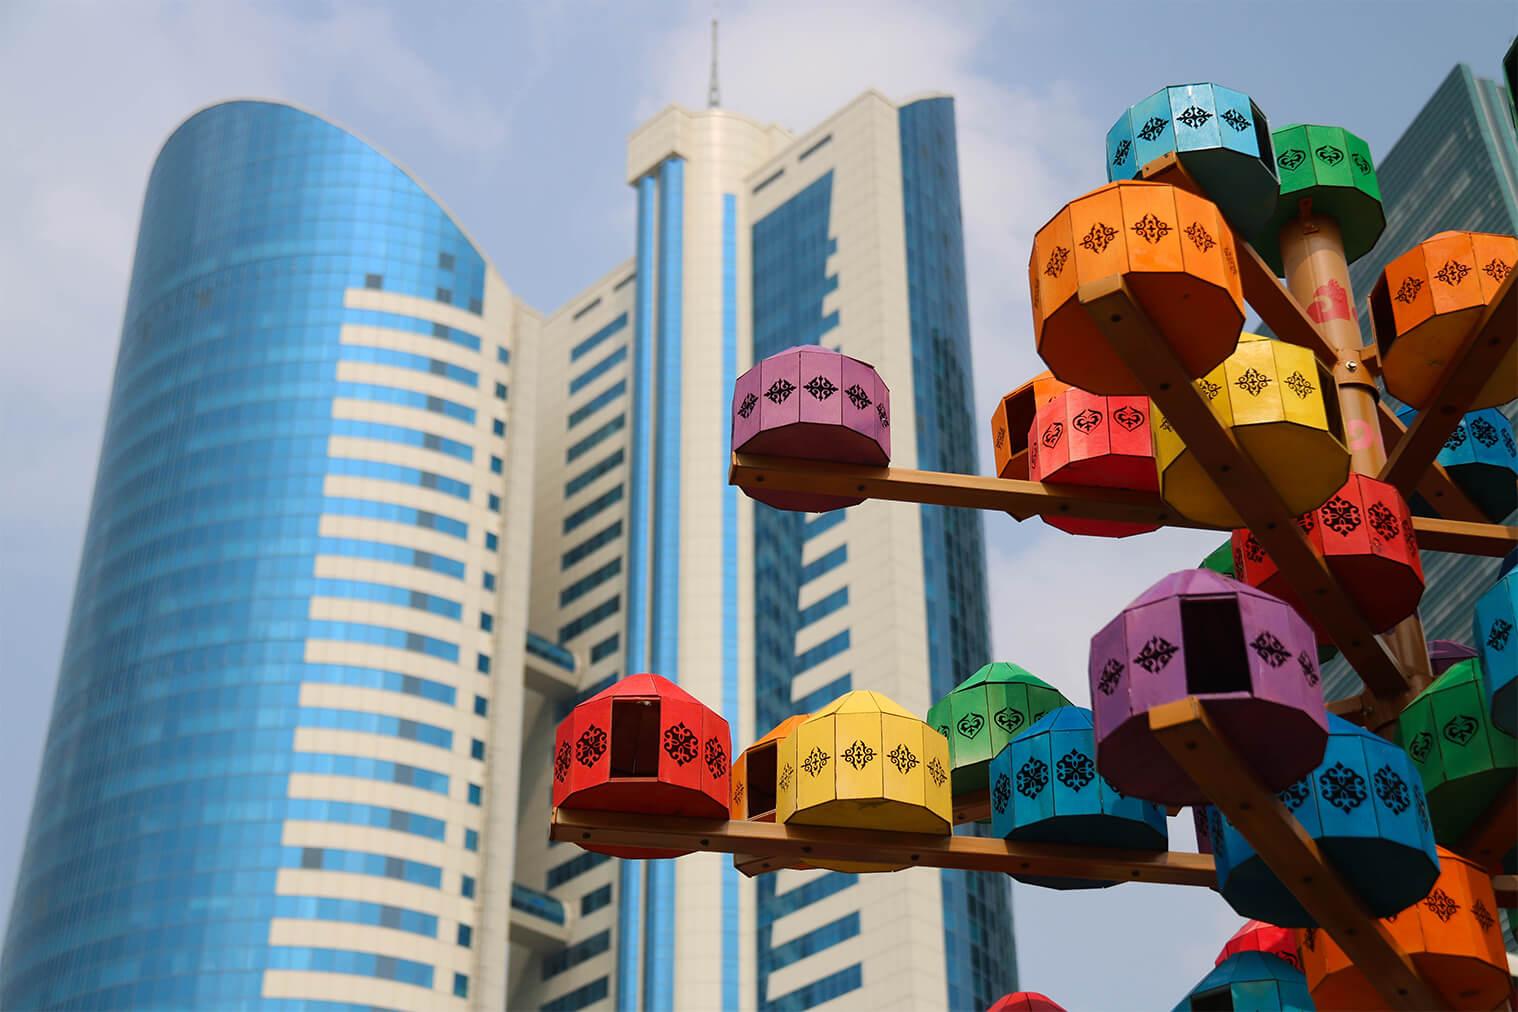 Kazachovia vymenili jurty za moderné výškové budovy